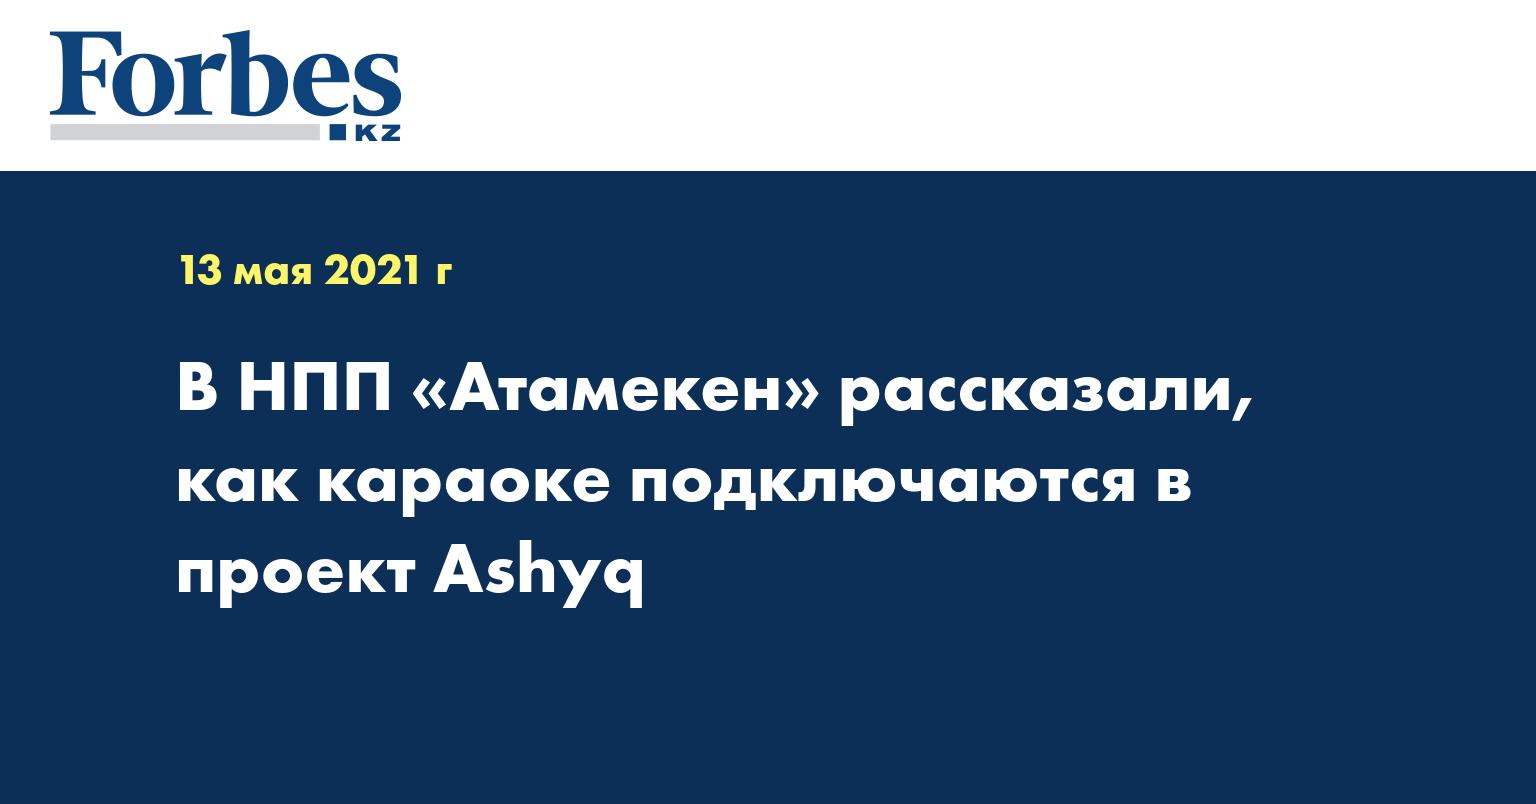 В НПП «Атамекен» рассказали, как караоке подключаются в проект Ashyq